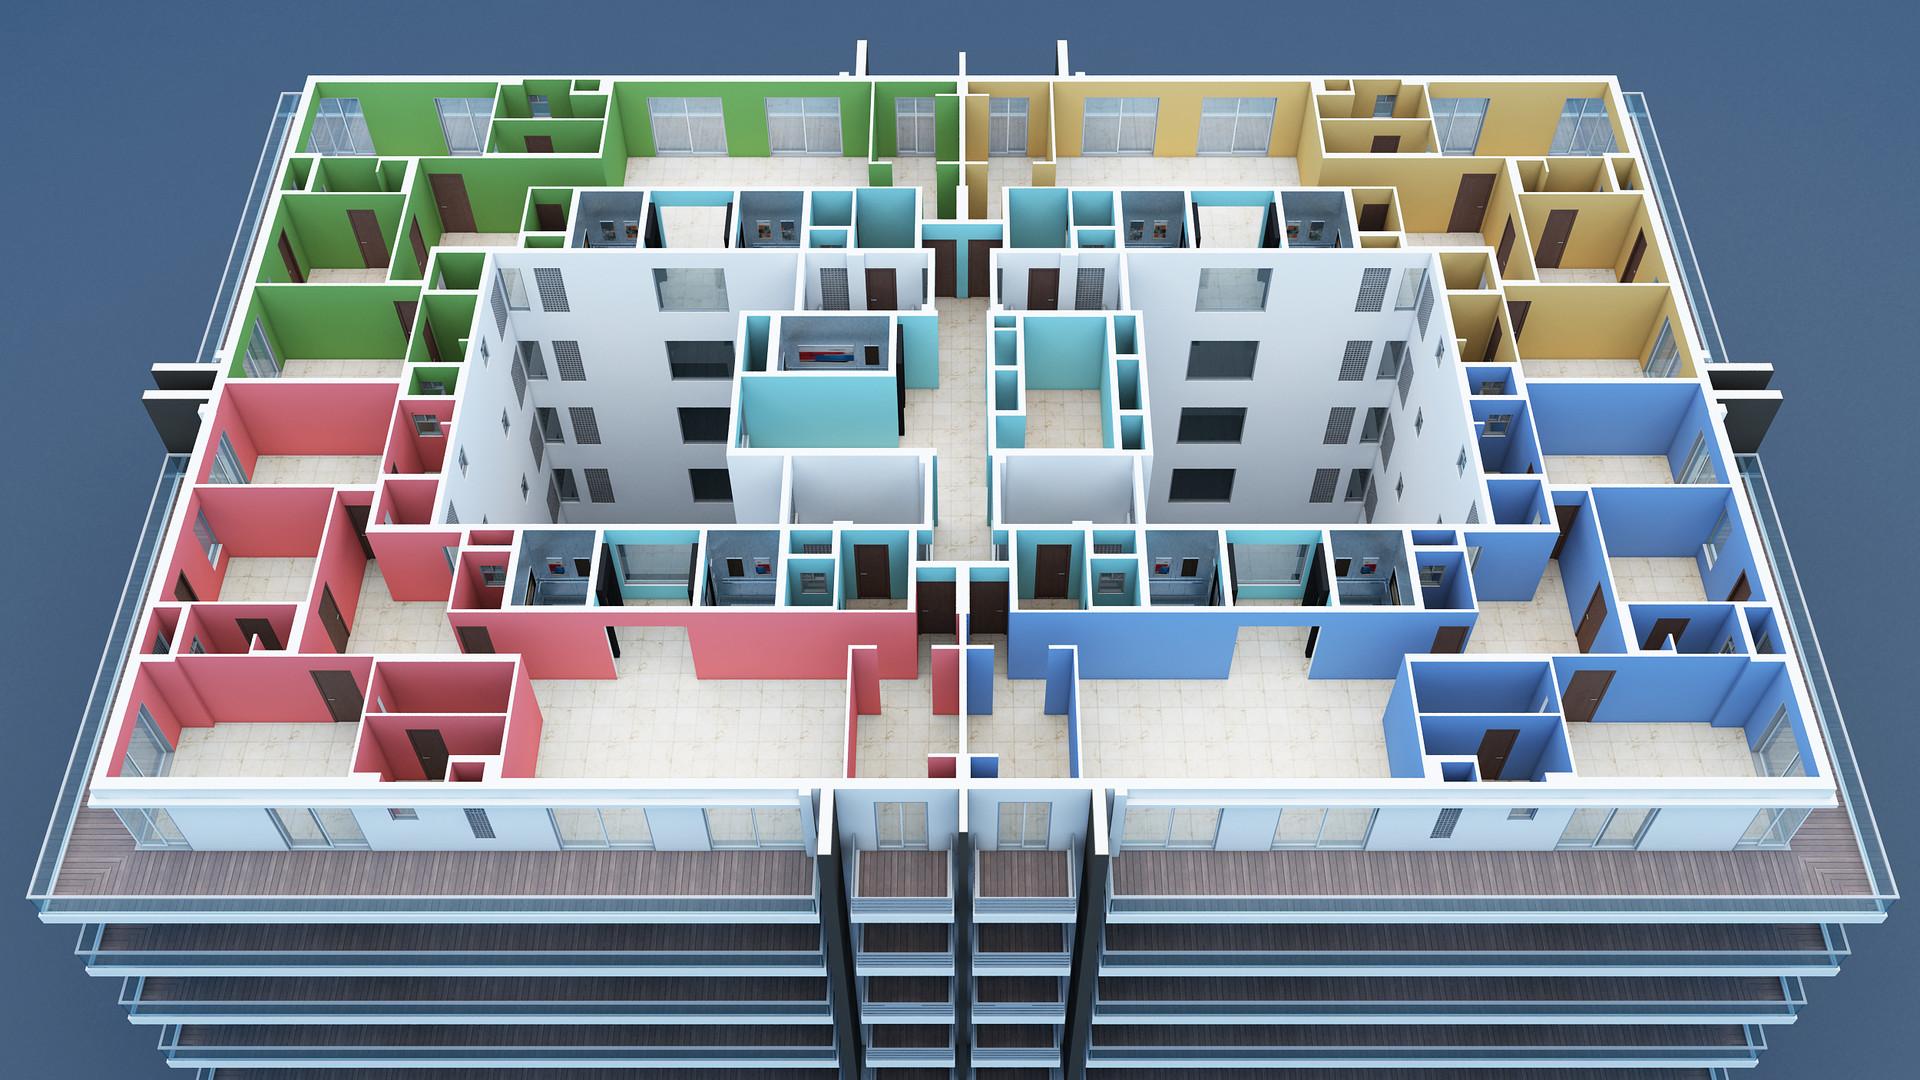 Ranjeet singh 3 bhk ab floor plan